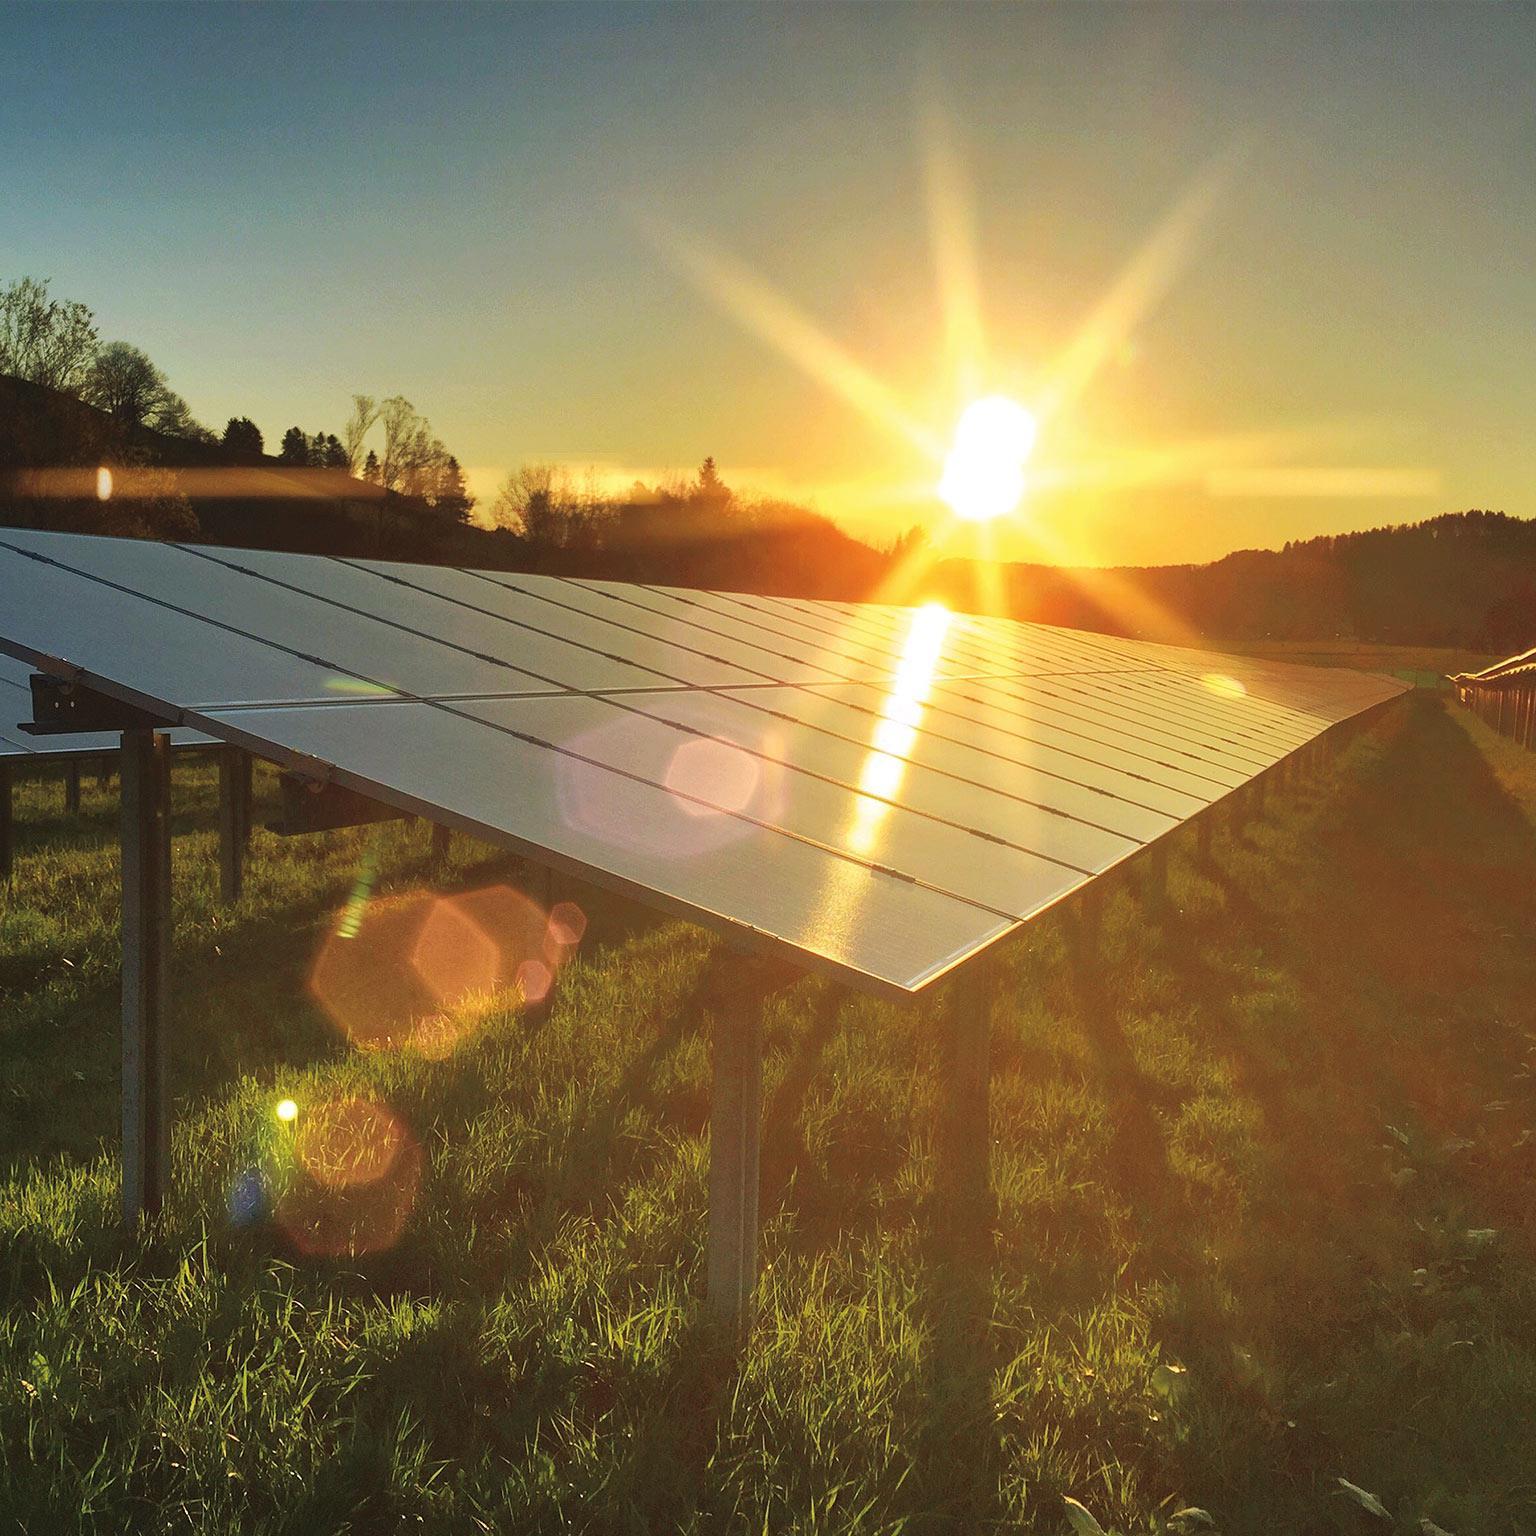 How solar energy can (finally) create value | McKinsey